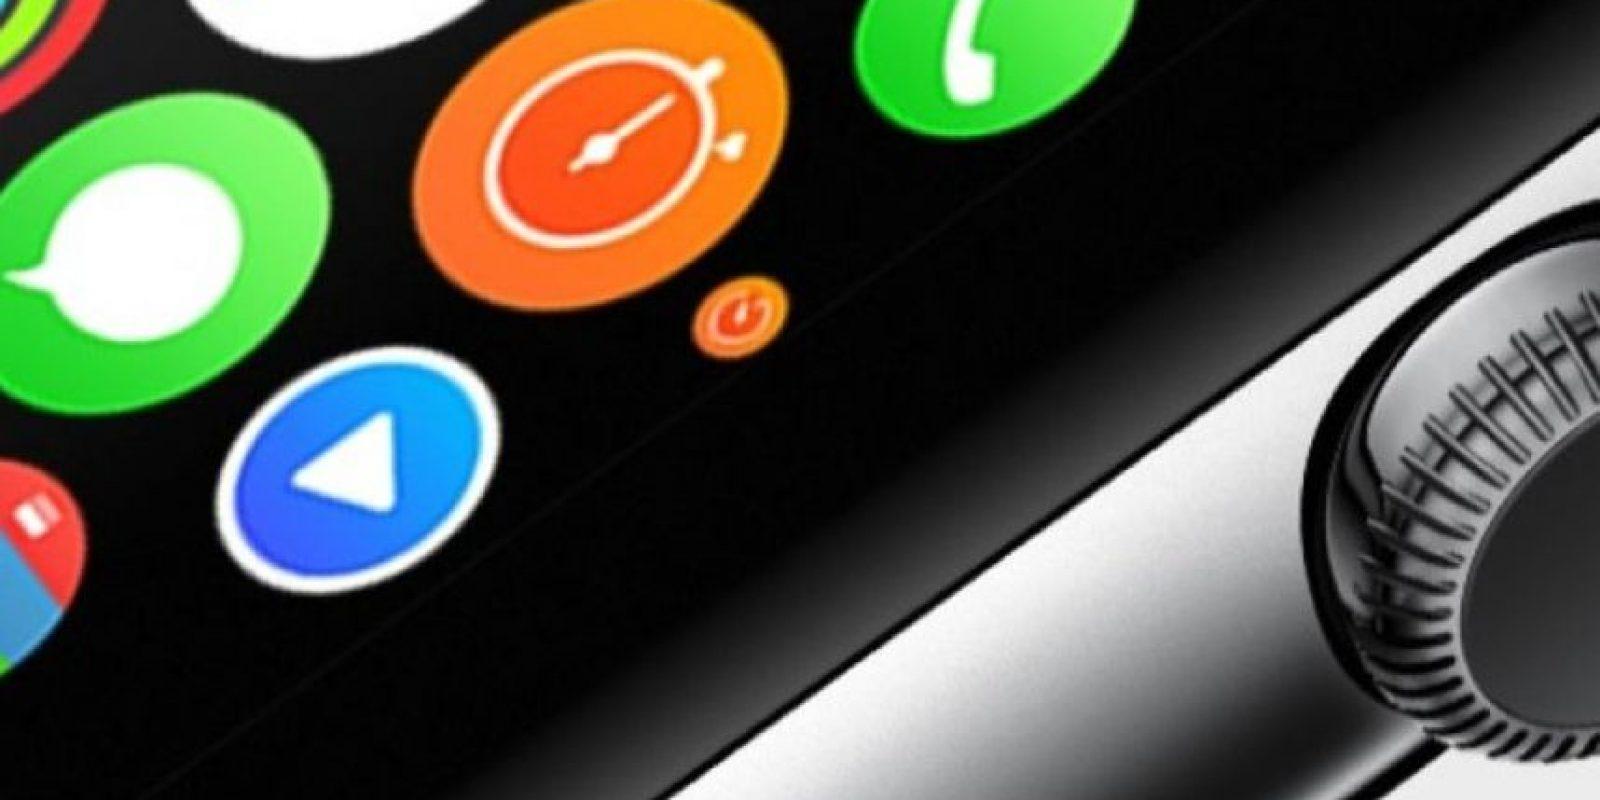 Apple Watch tiene un costo inicial de 349 dólares, por lo que deben estar seguros de su funcionamiento antes de adquirirlo. Foto:Apple